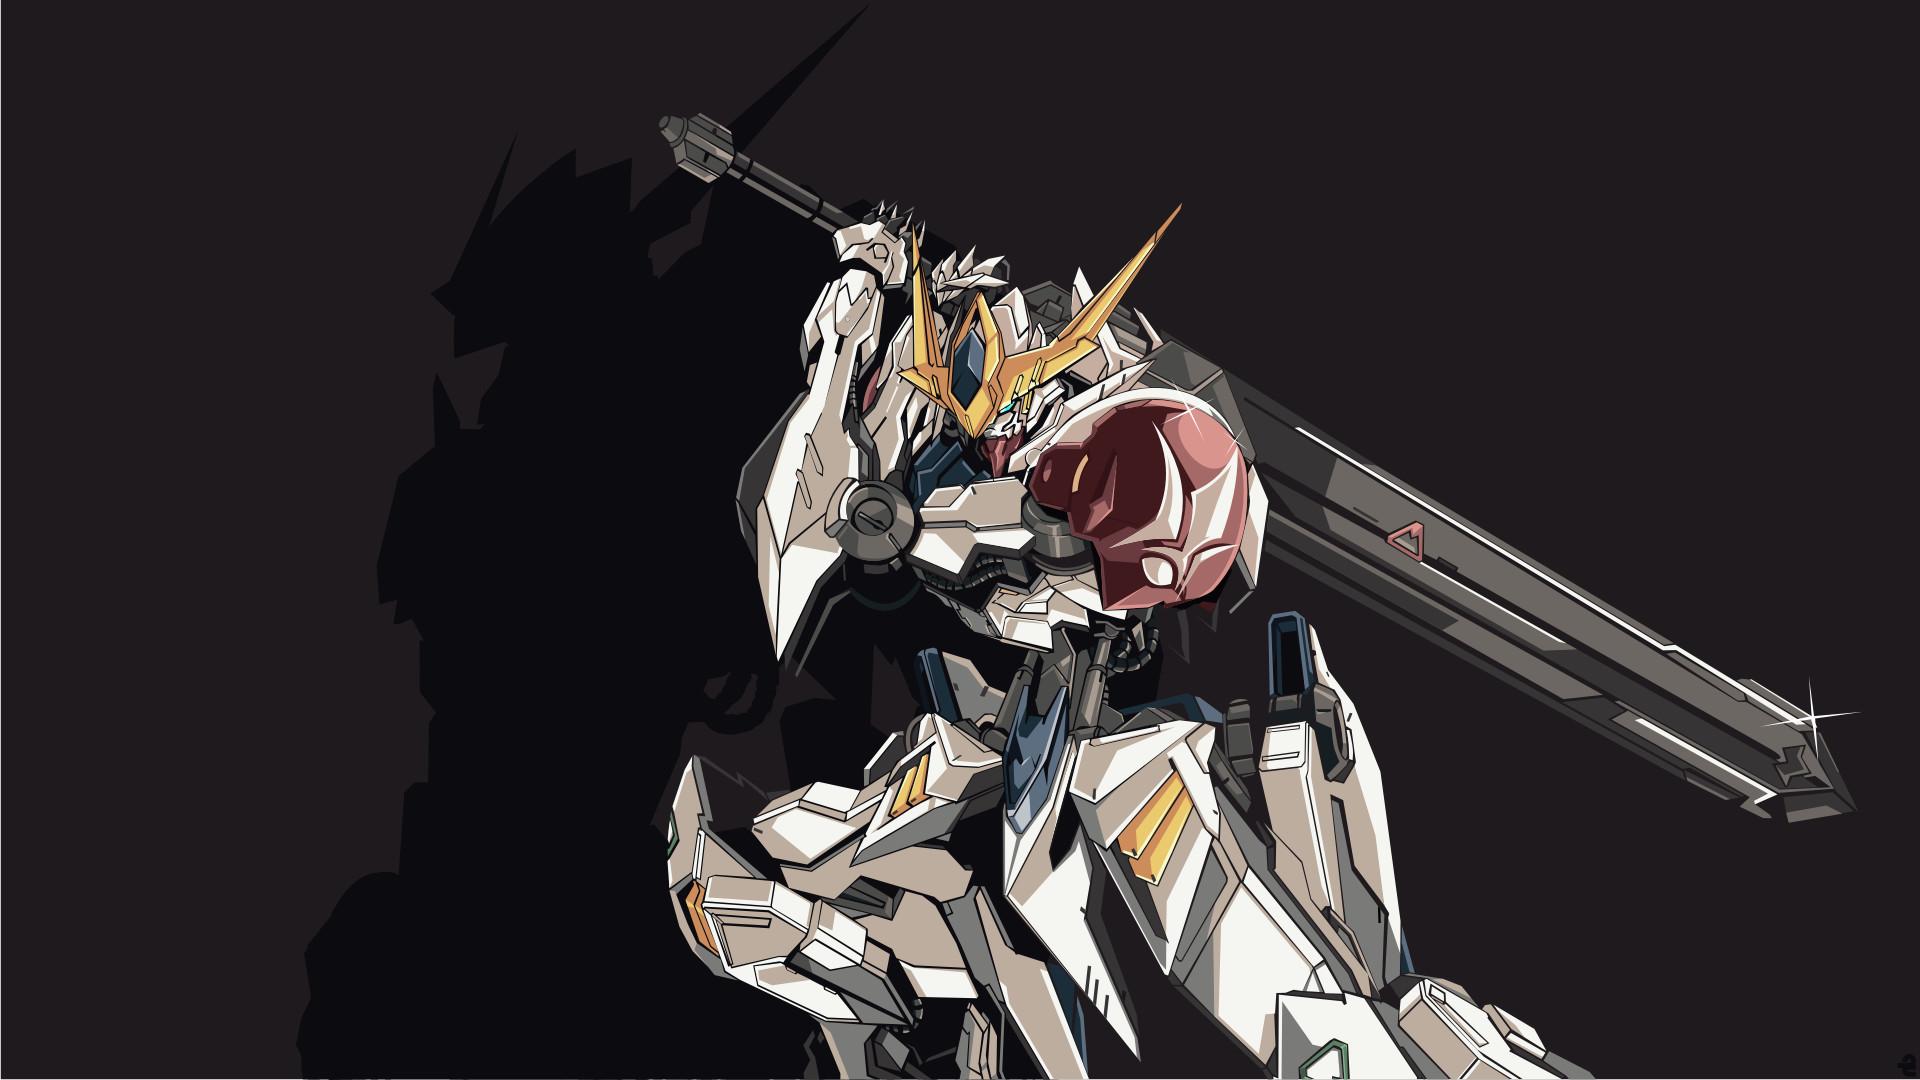 Gundam hd wallpapers 64 images - Gundam wallpaper hd ...